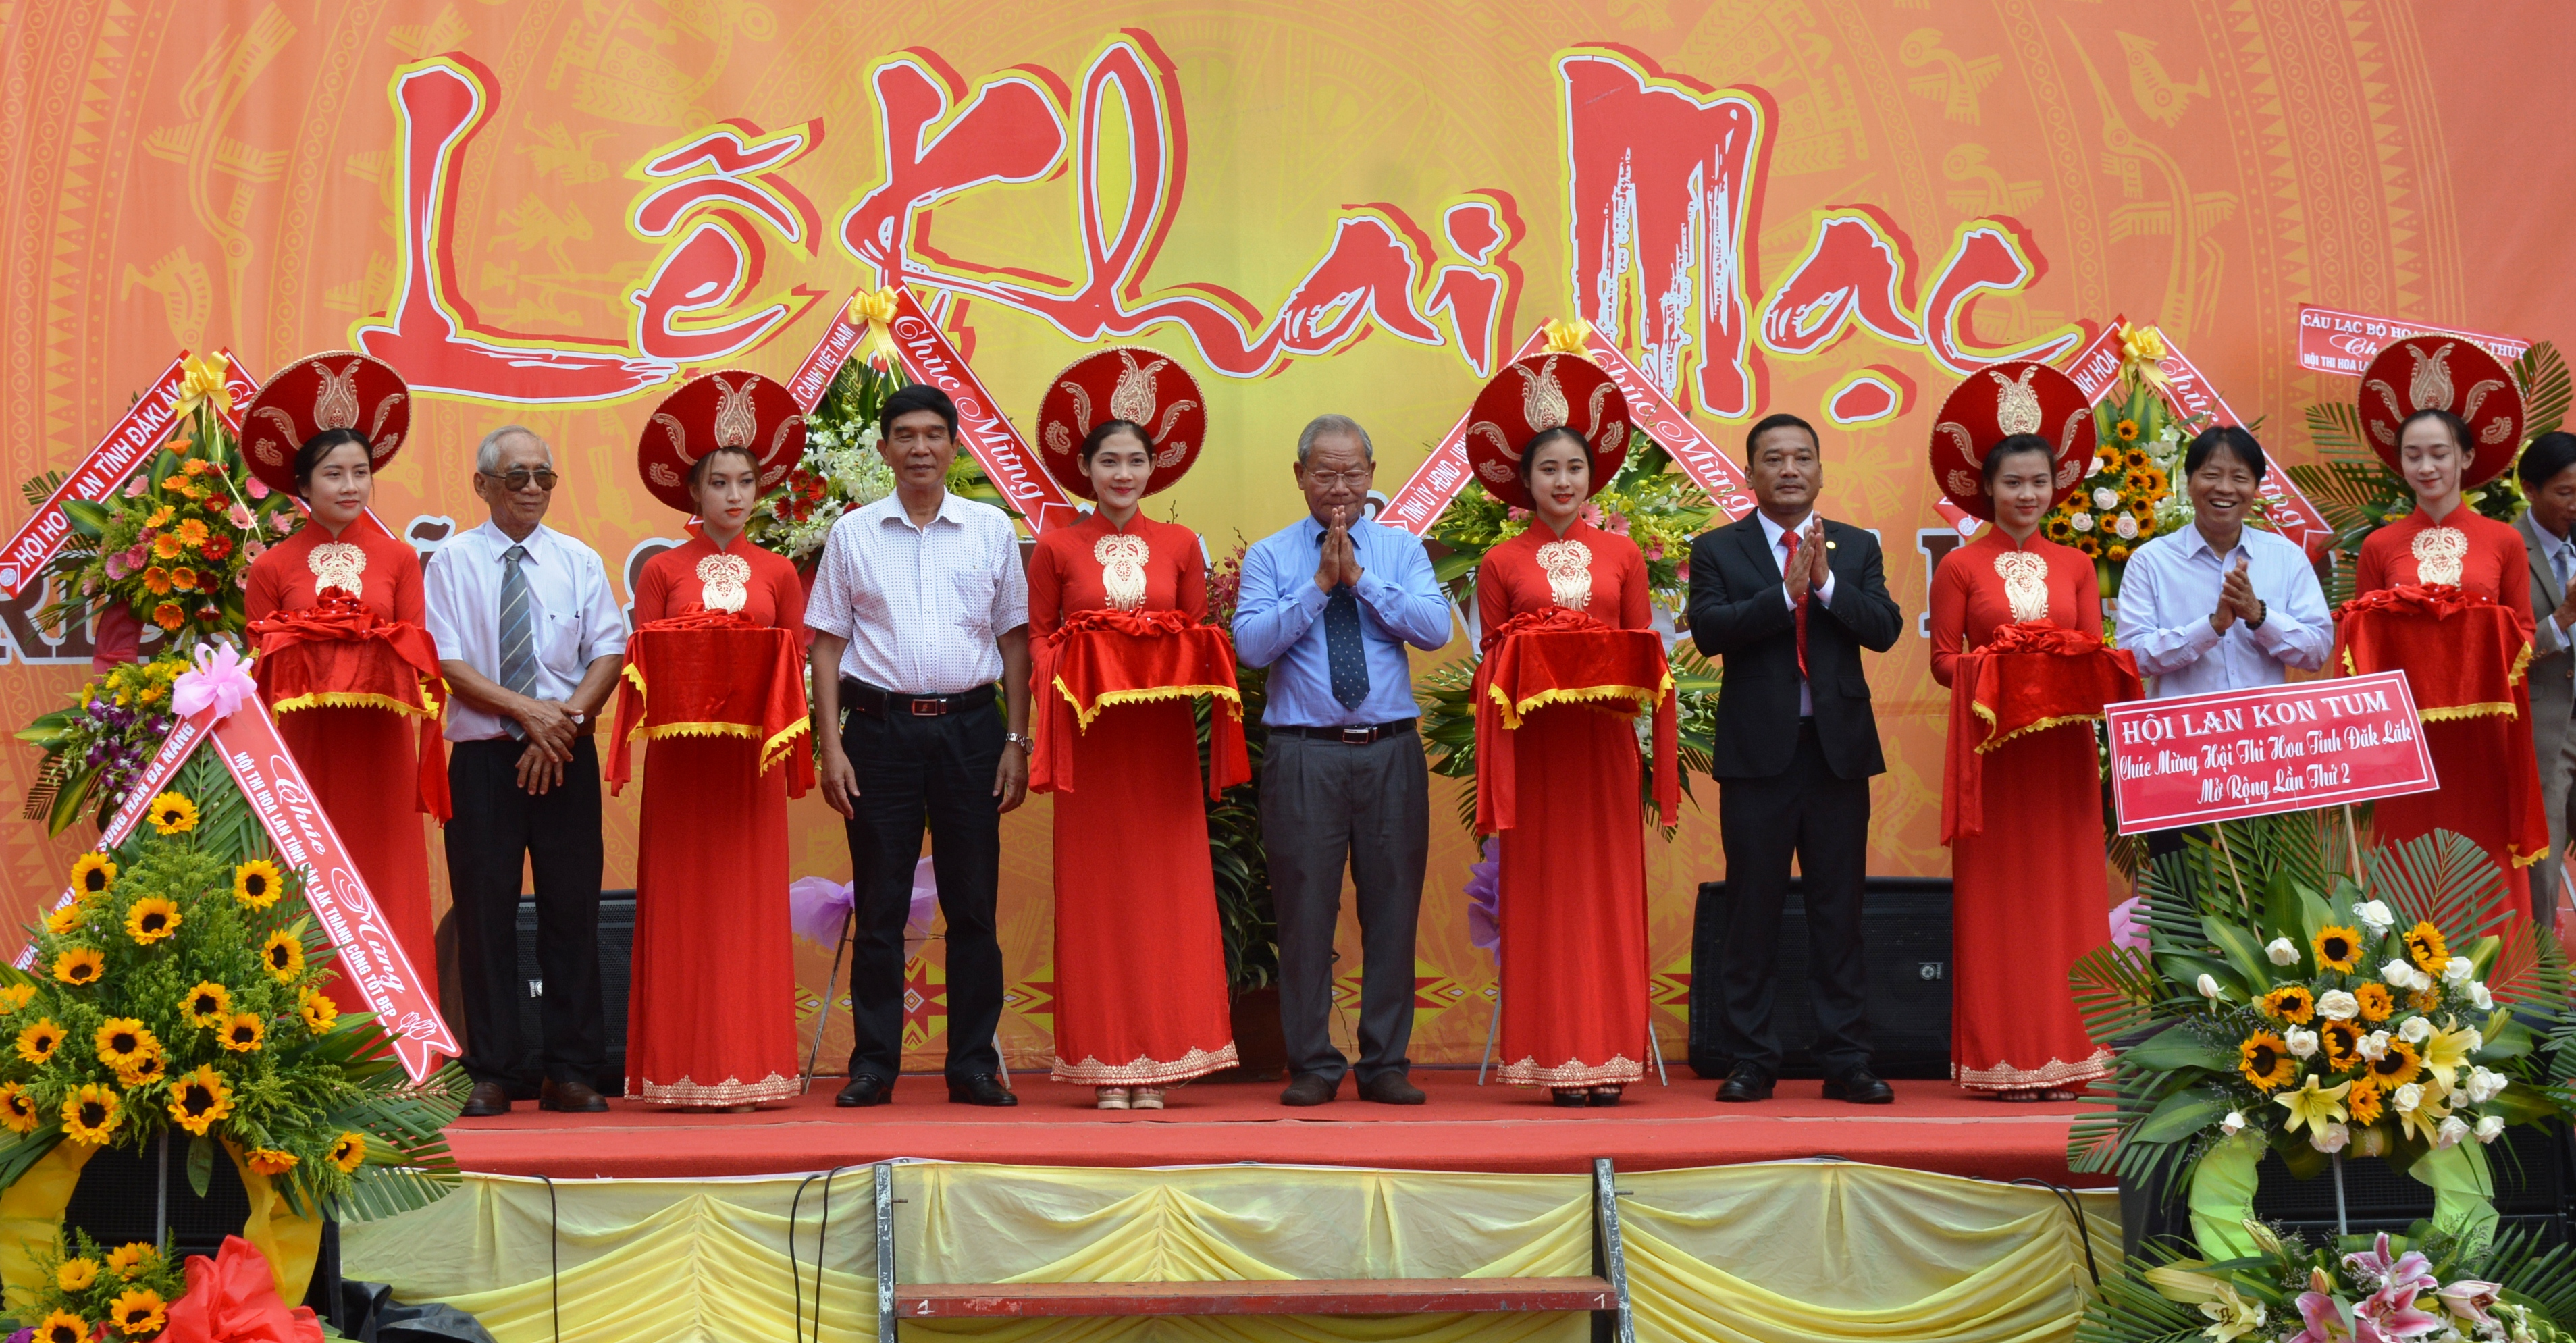 Hơn 8.000 tác phẩm tham gia Triển lãm sinh vật cảnh tỉnh Đắk Lắk năm 2019